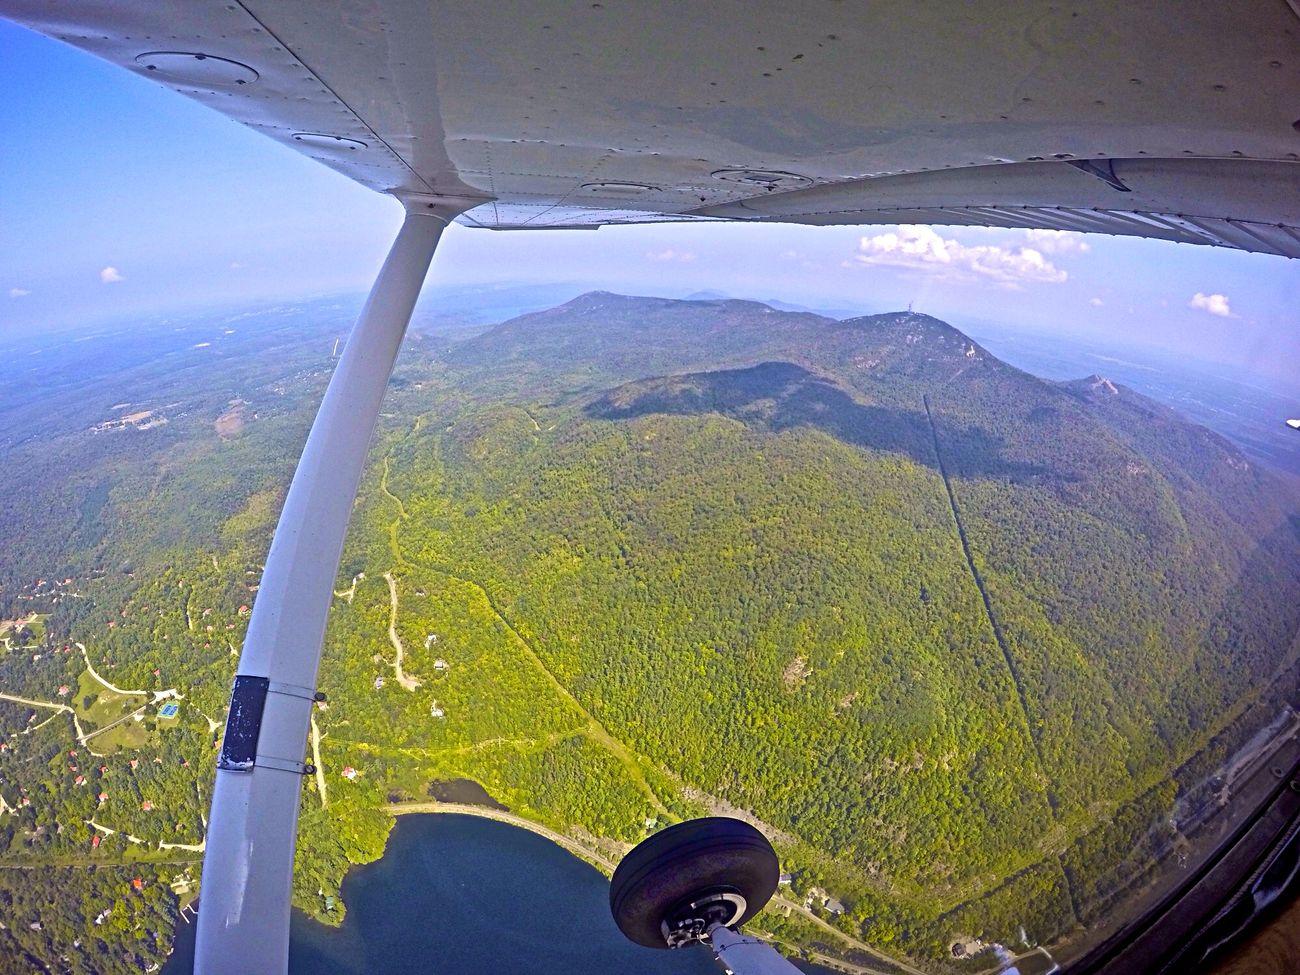 Pilot Montreal, Canada Bromine Yamasaki Goprohero4 Gopro